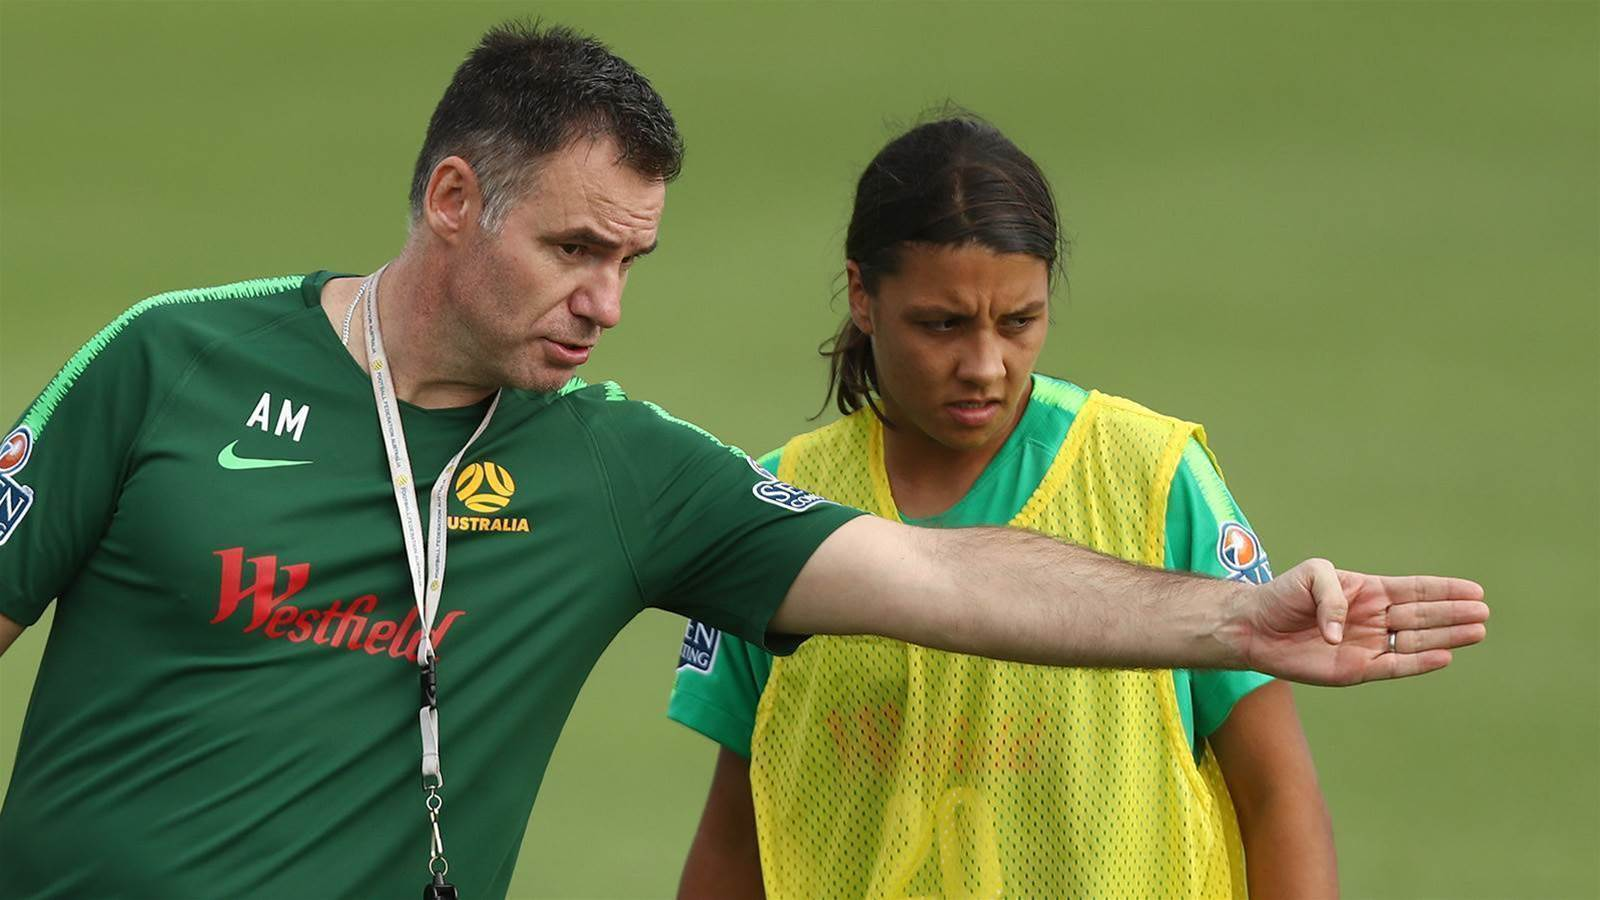 Matildas shrug off Stajcic past to focus on the future